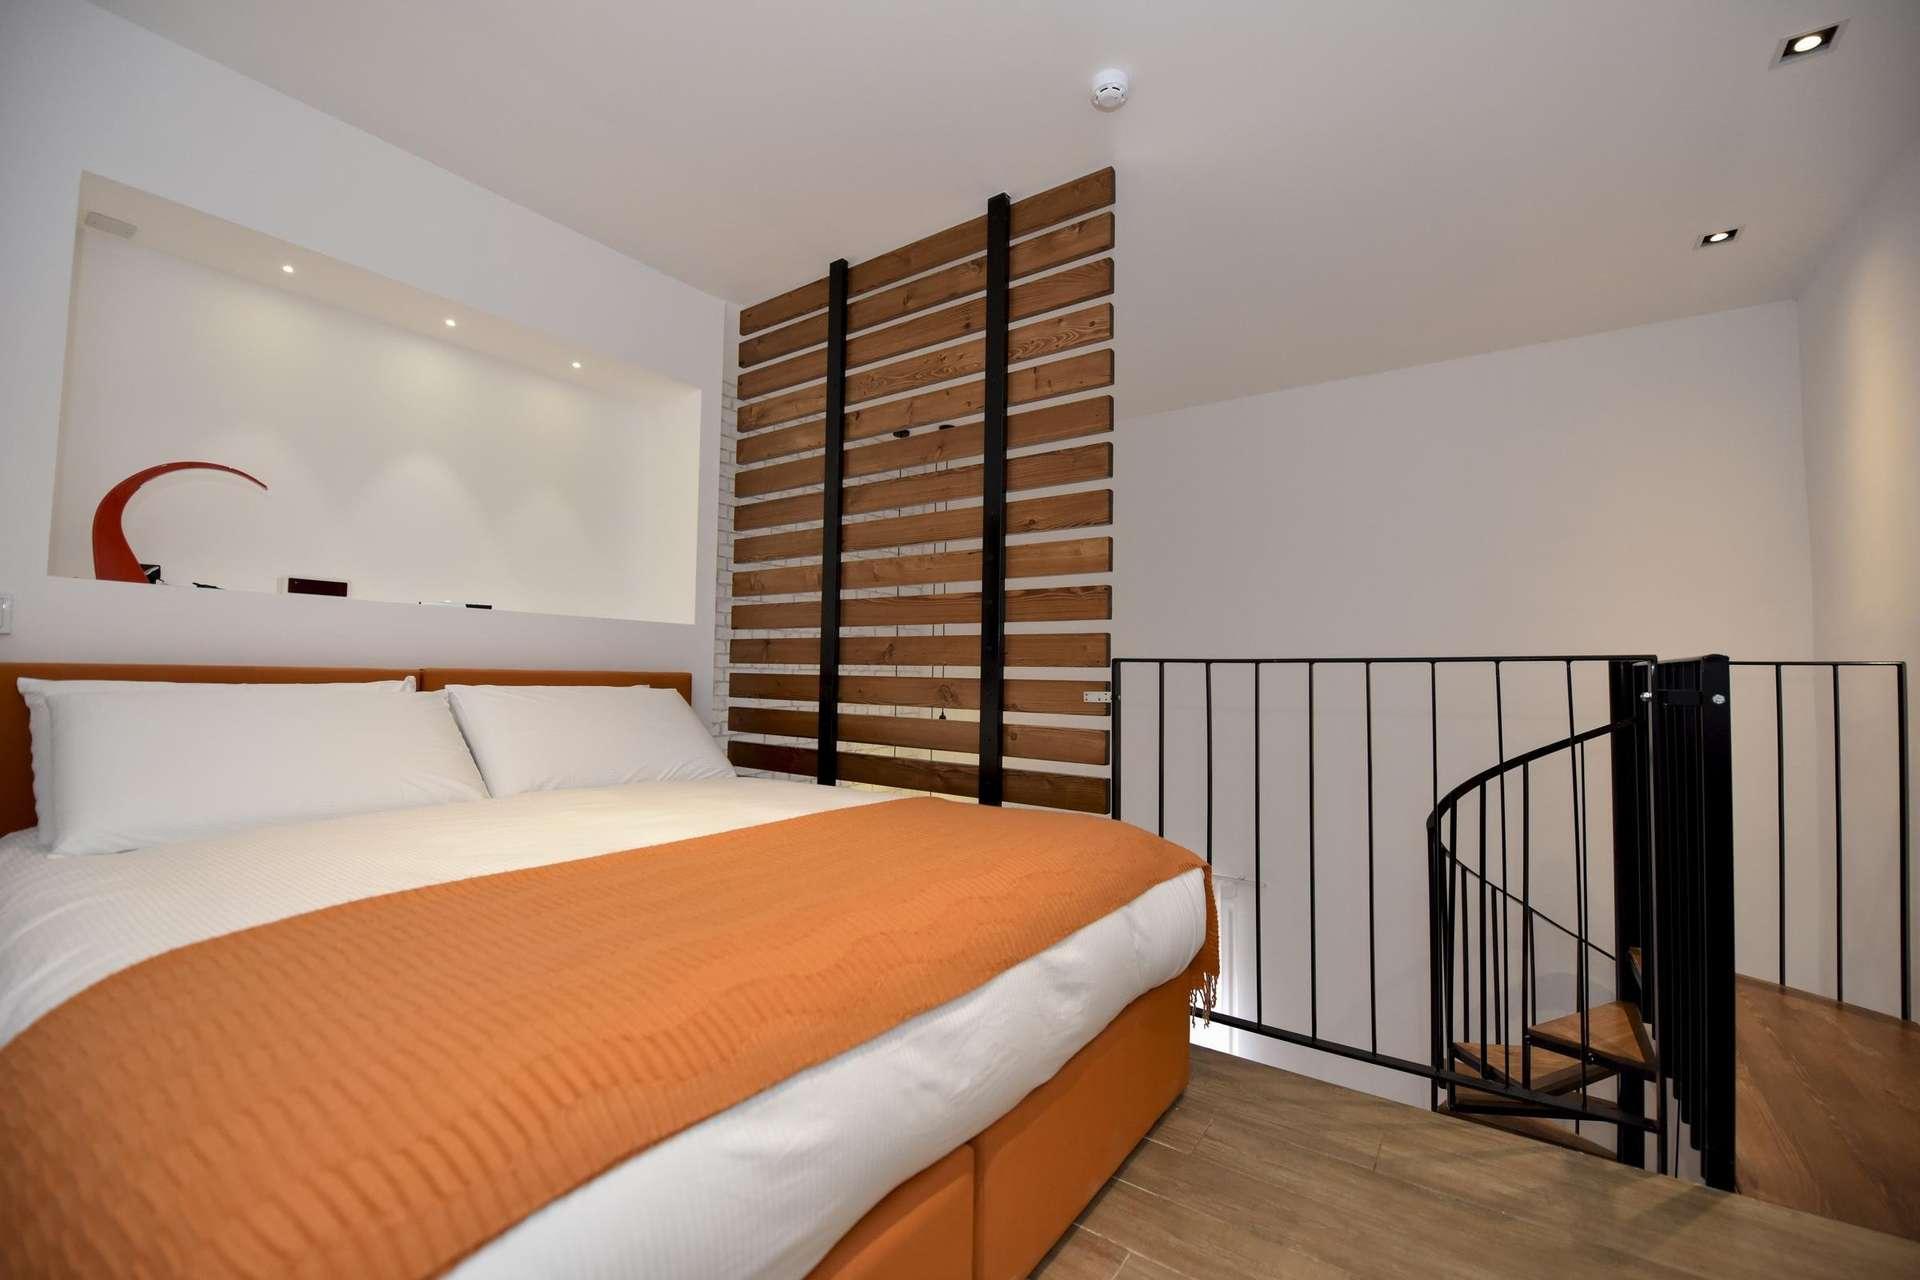 Quaint Boutique Hotel Nadur deluxe duplex suite - Gozo